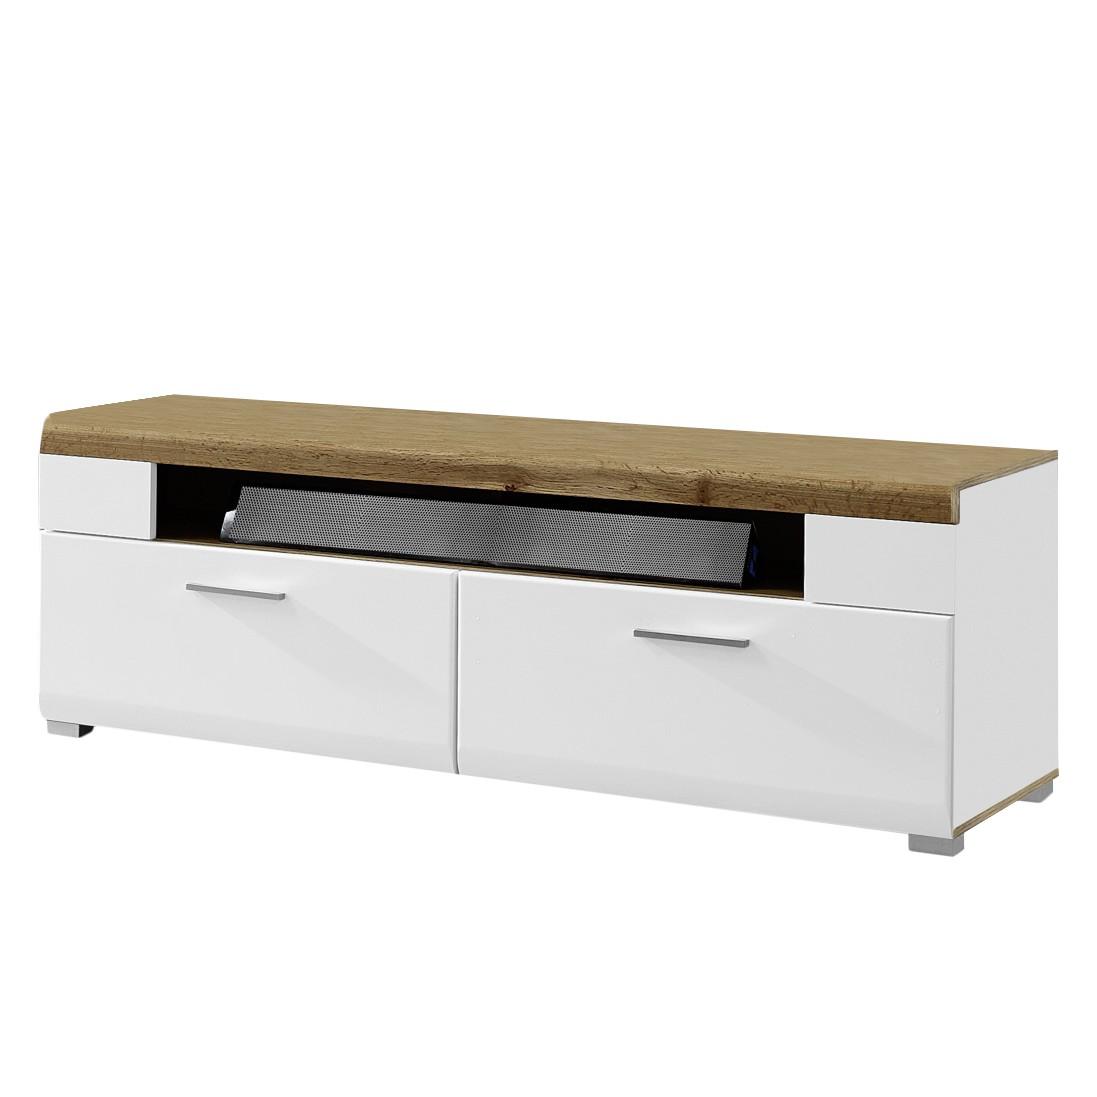 Meuble TV Aulby I - Blanc mat / Imitation chêne, loftscape